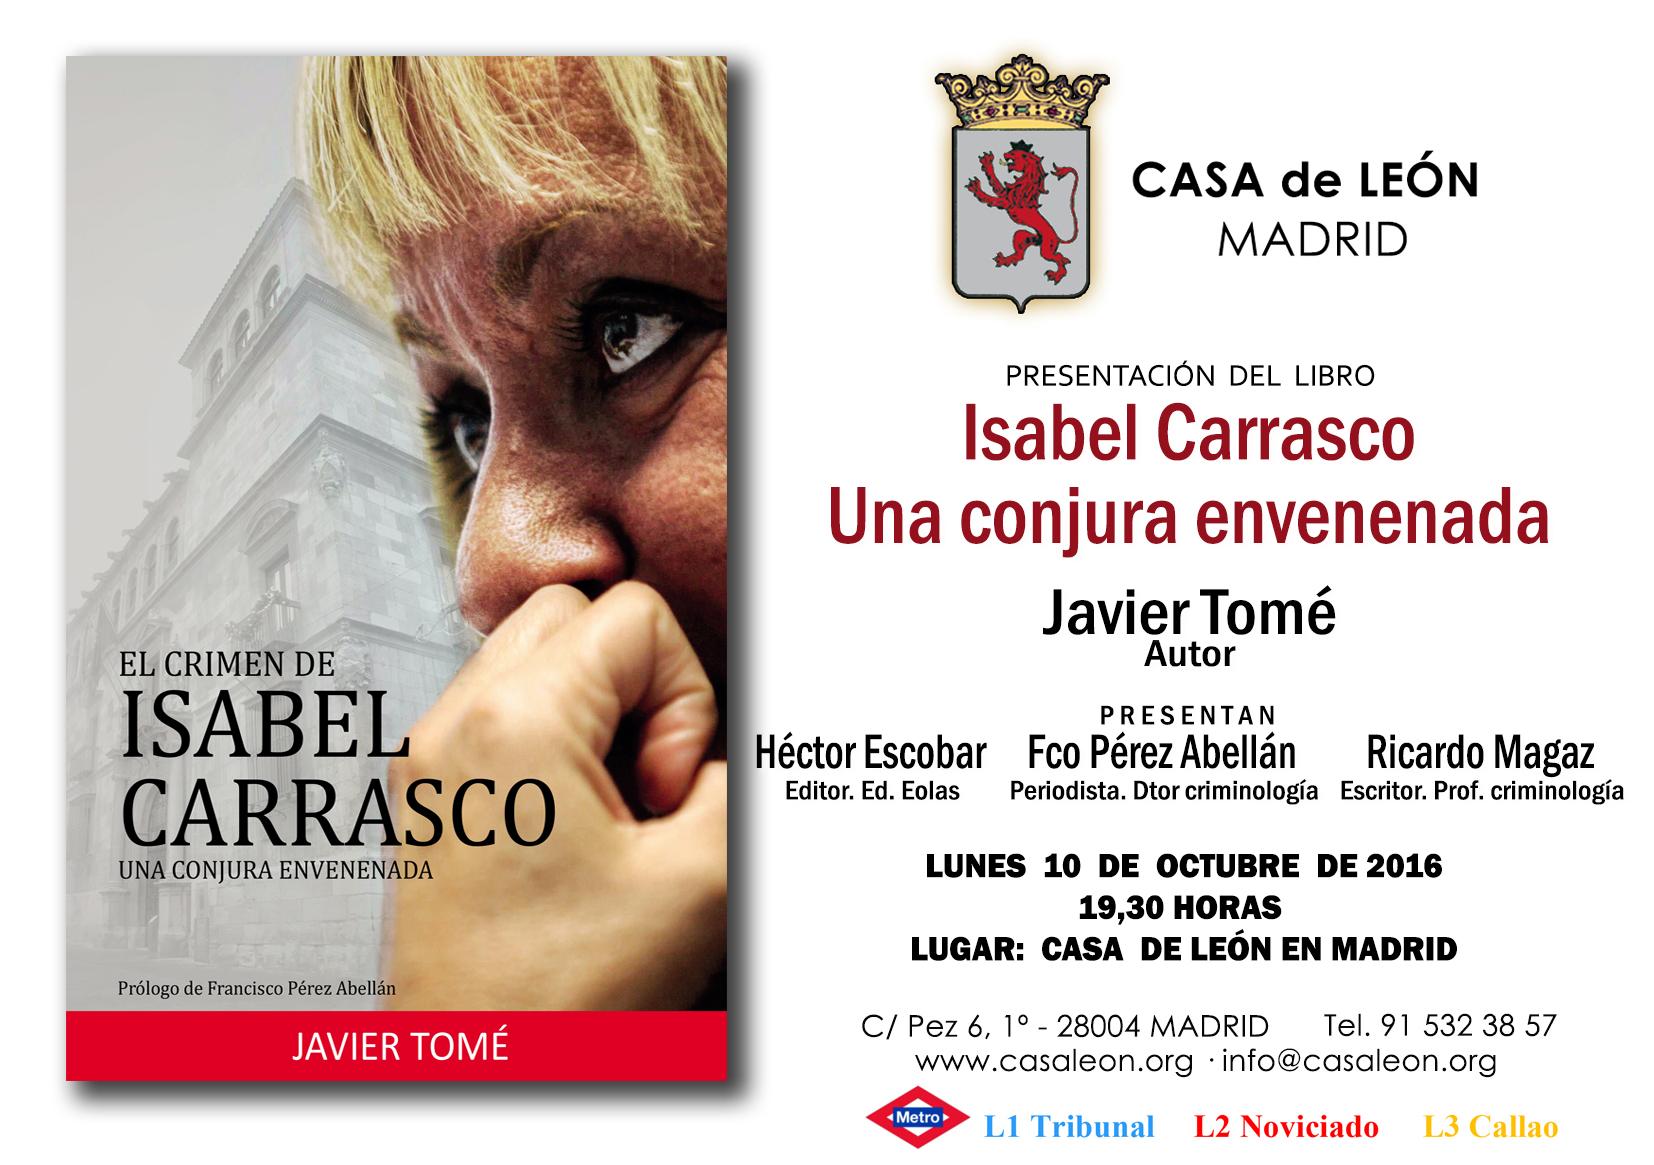 IsabelCarrasco_UnaConjuraEnvenenada